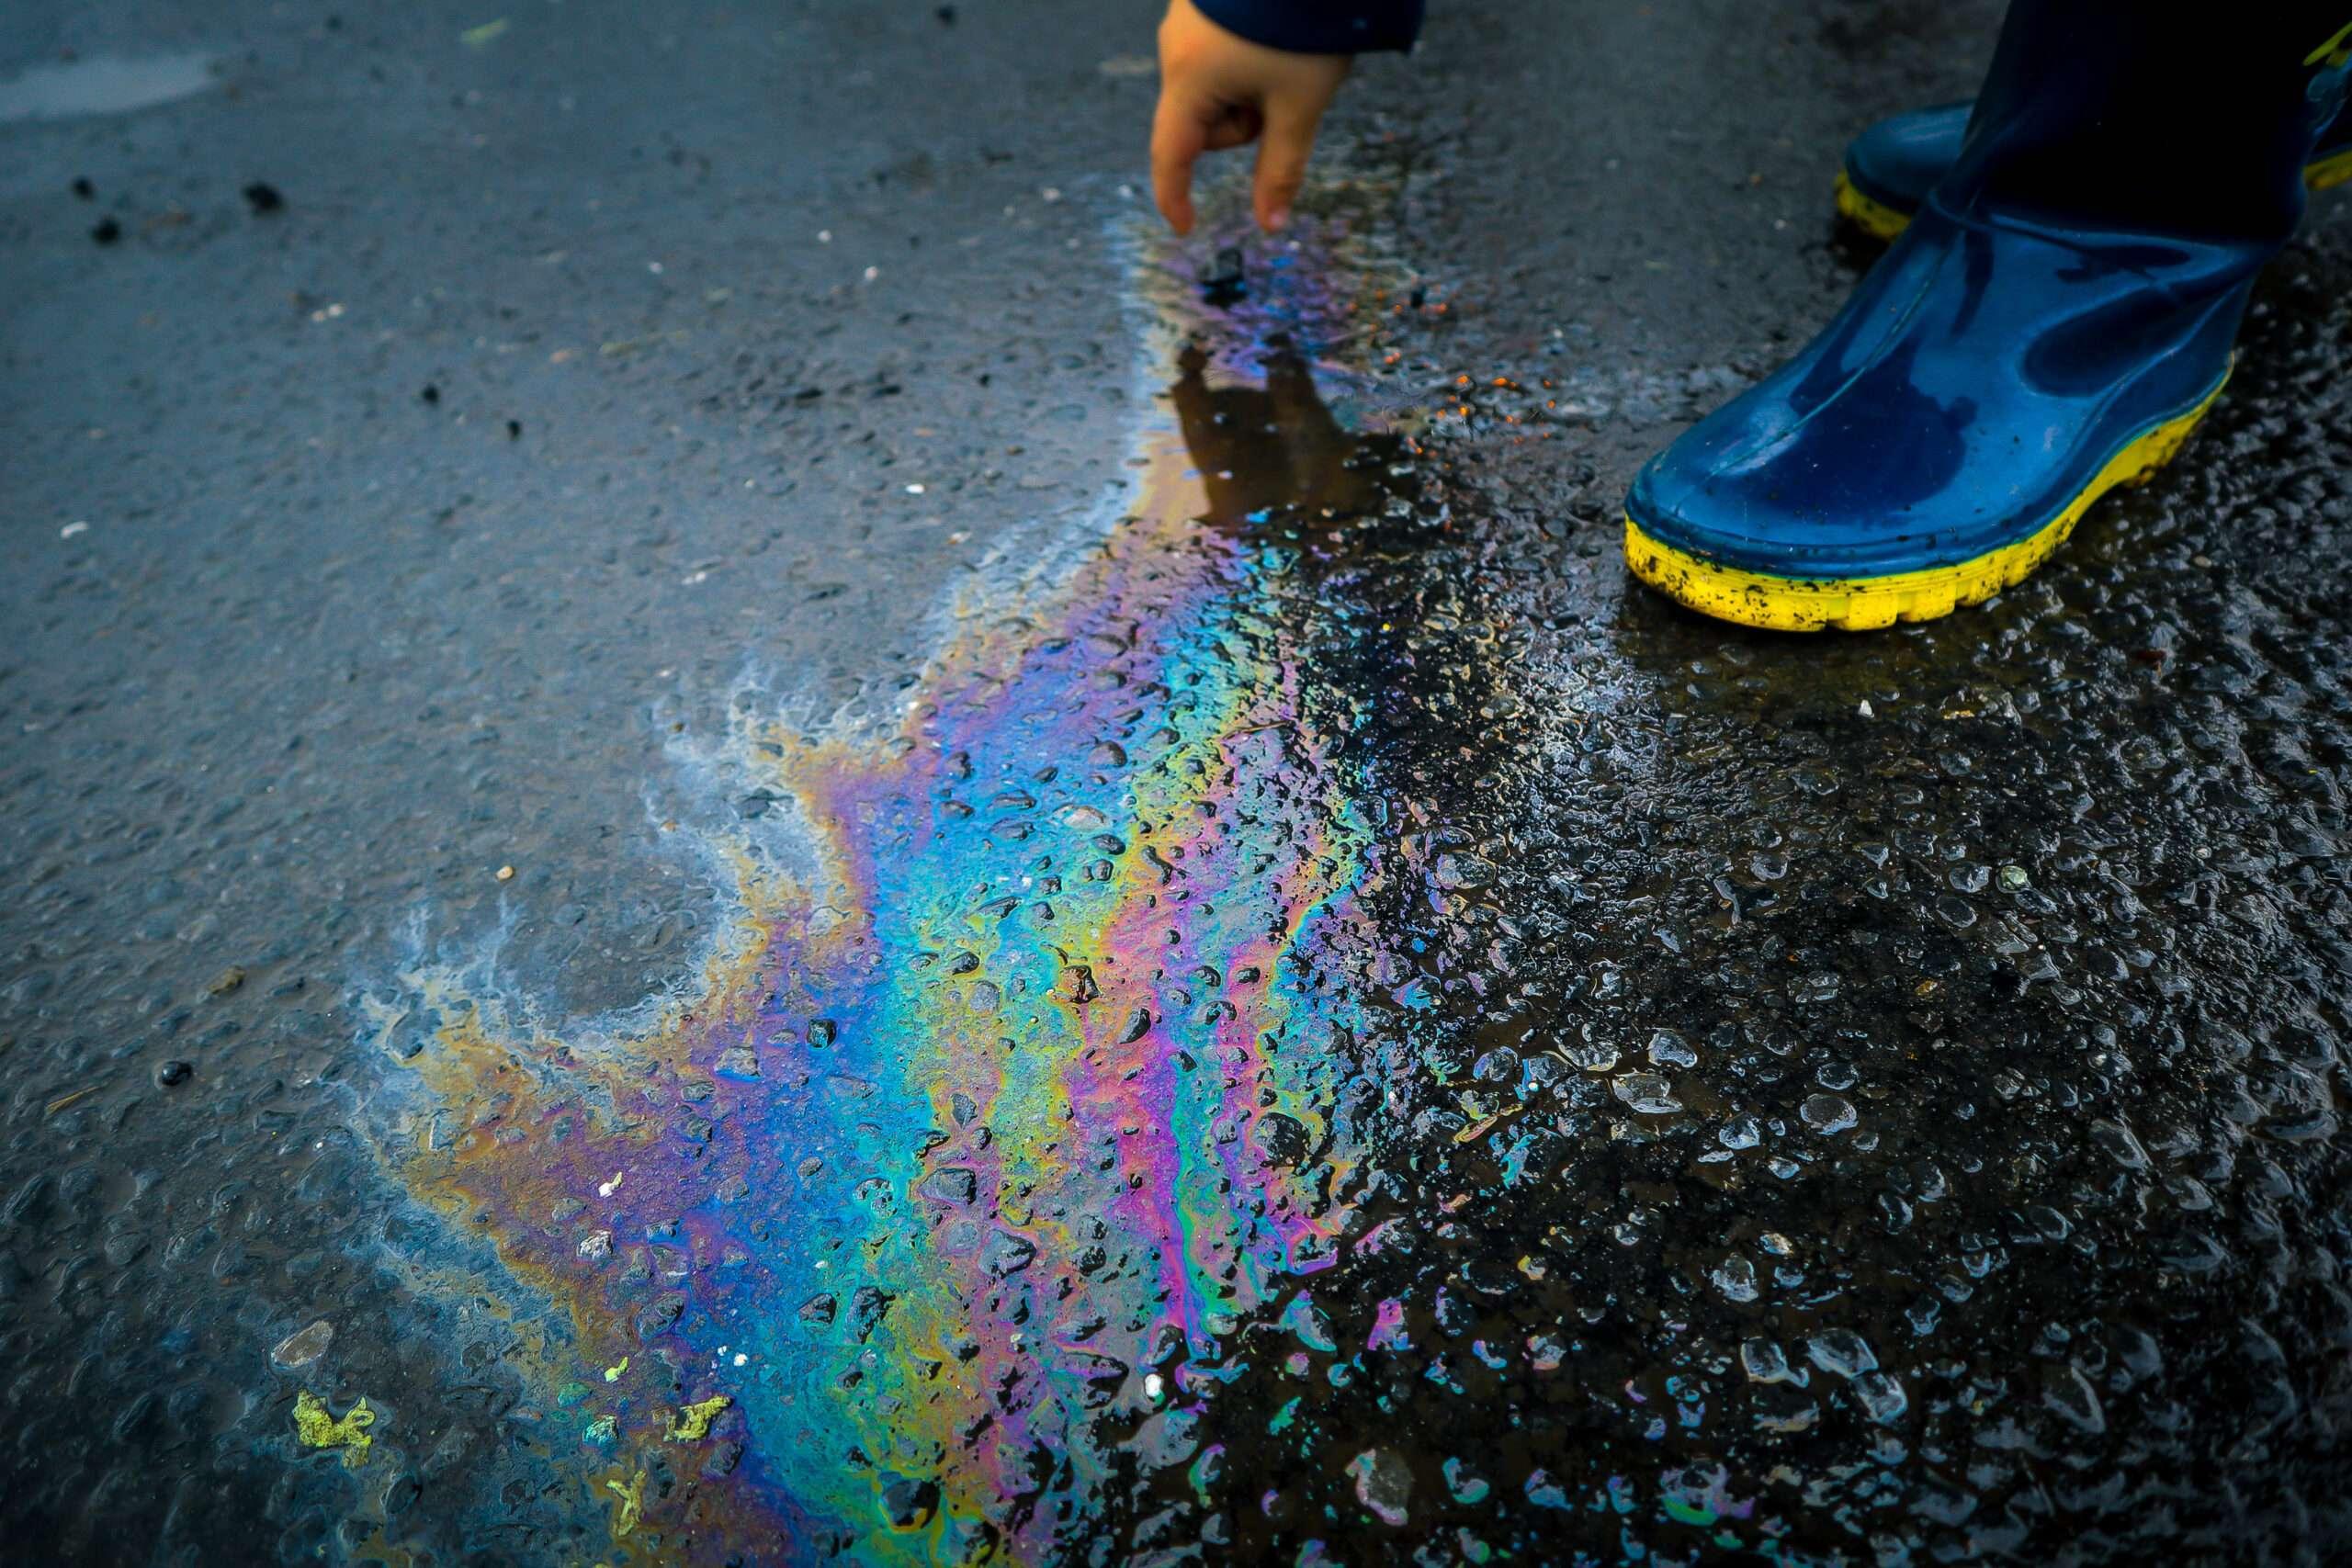 Oil on road